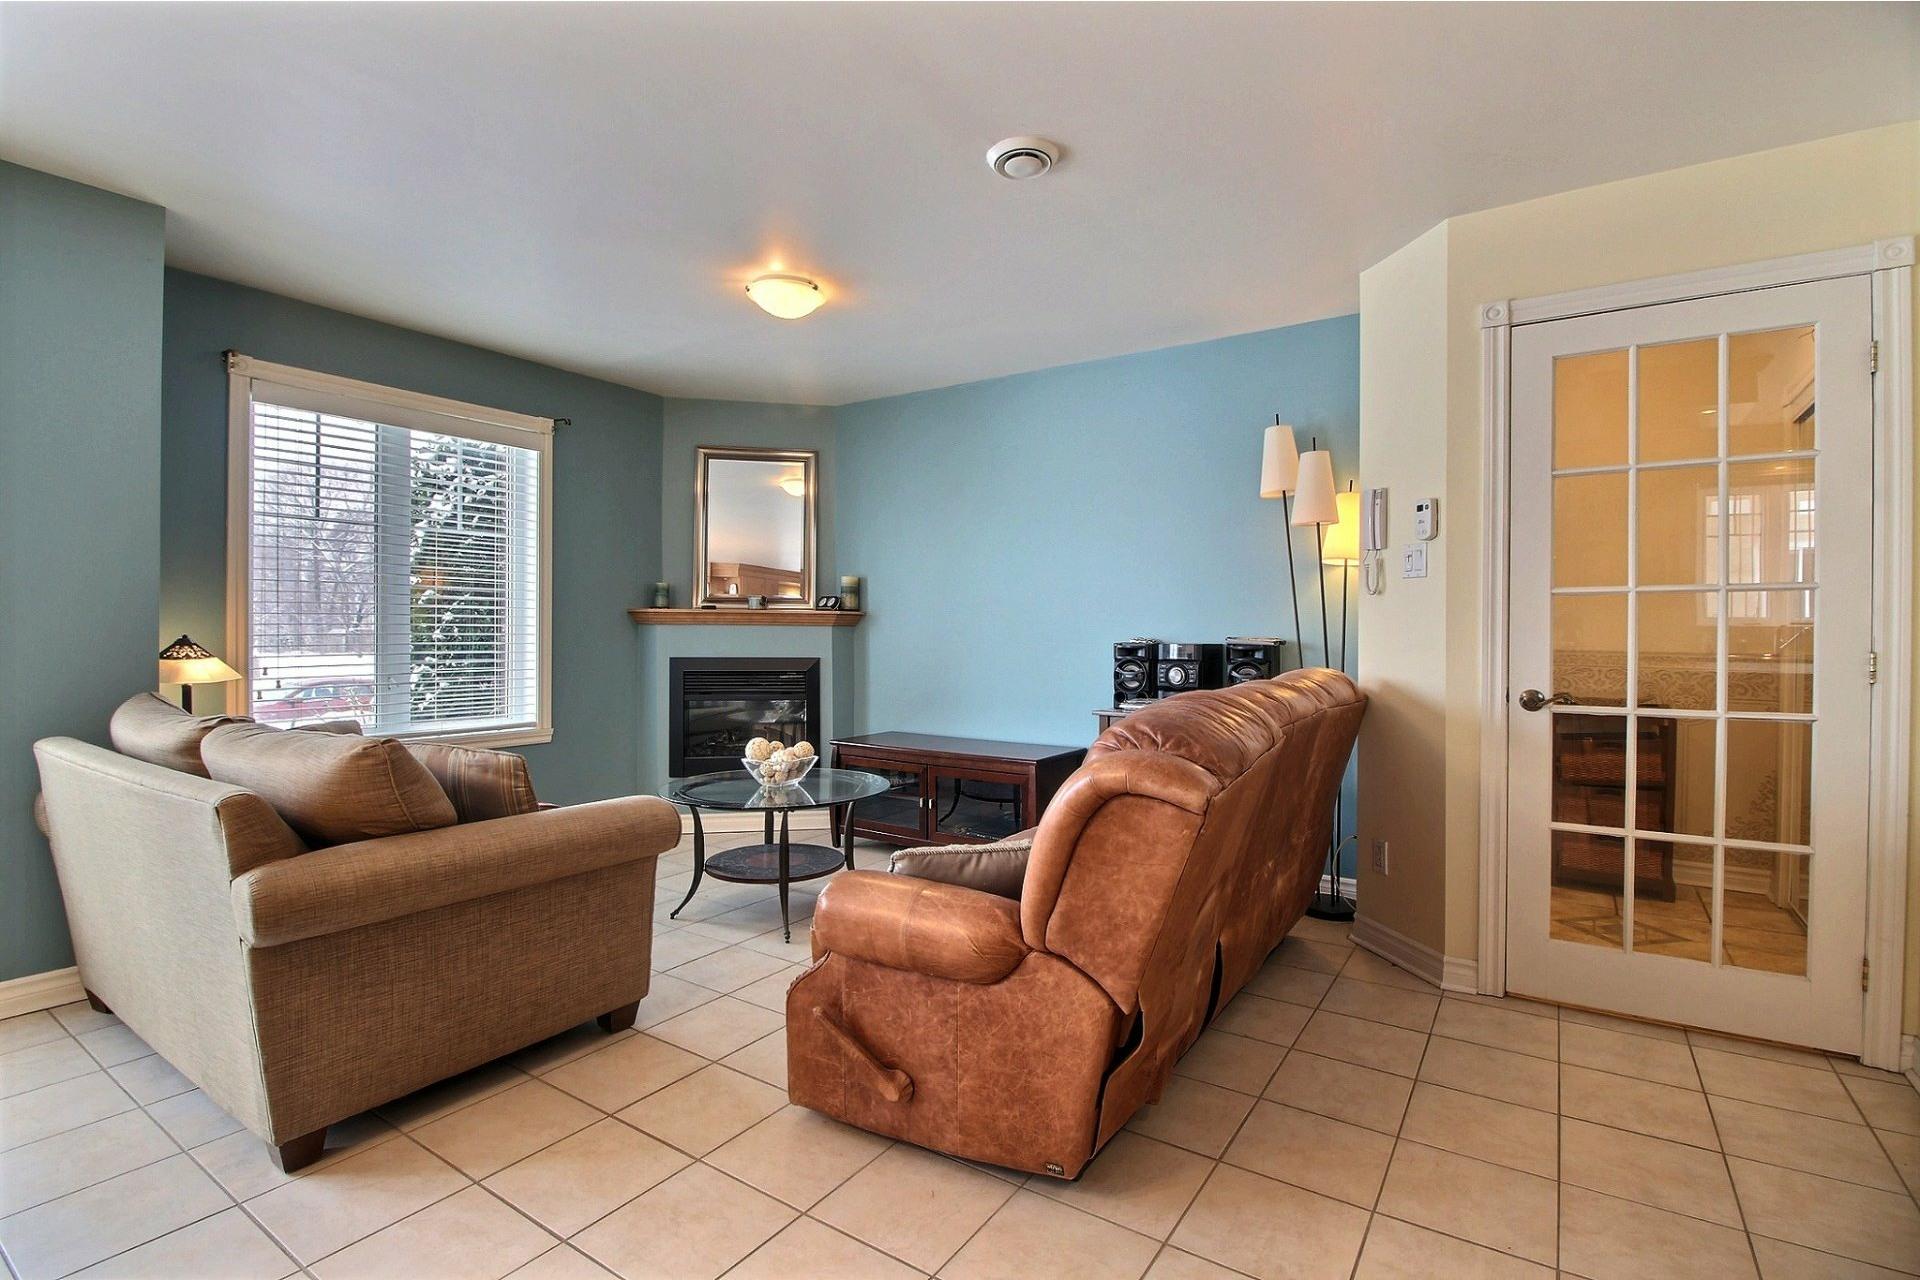 image 5 - Apartment For sale Notre-Dame-des-Prairies - 10 rooms